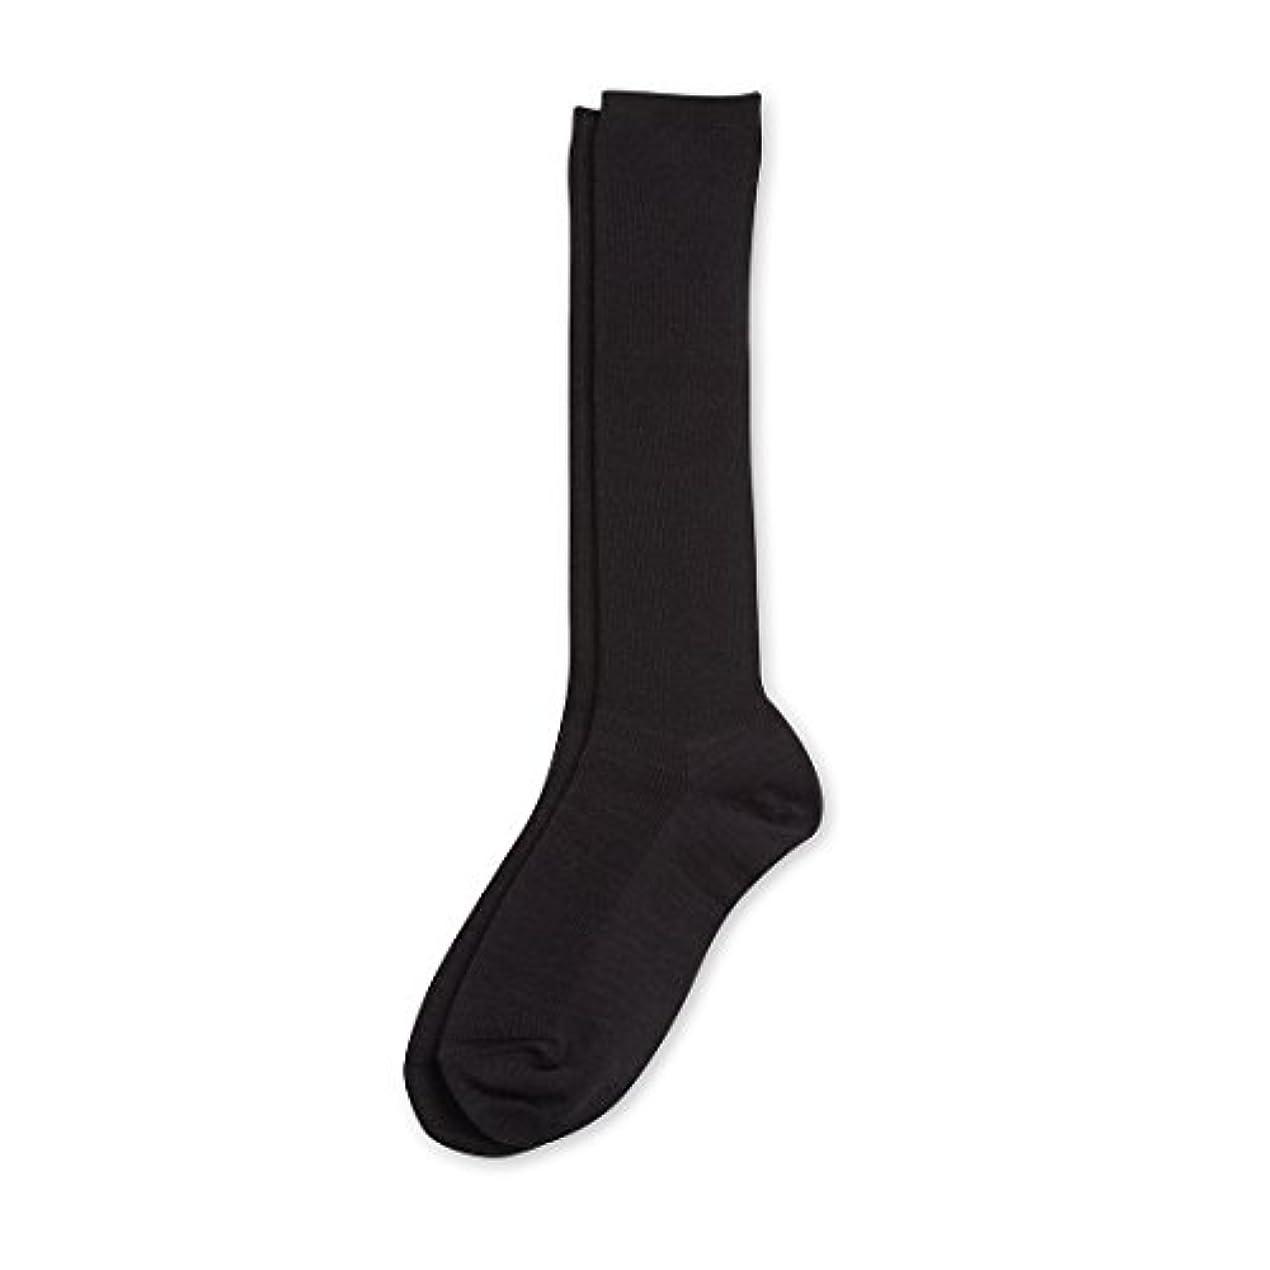 環境壮大な候補者Deol(デオル) ハイソックス 女性用 日本製 靴下 黒 23cm-25cm